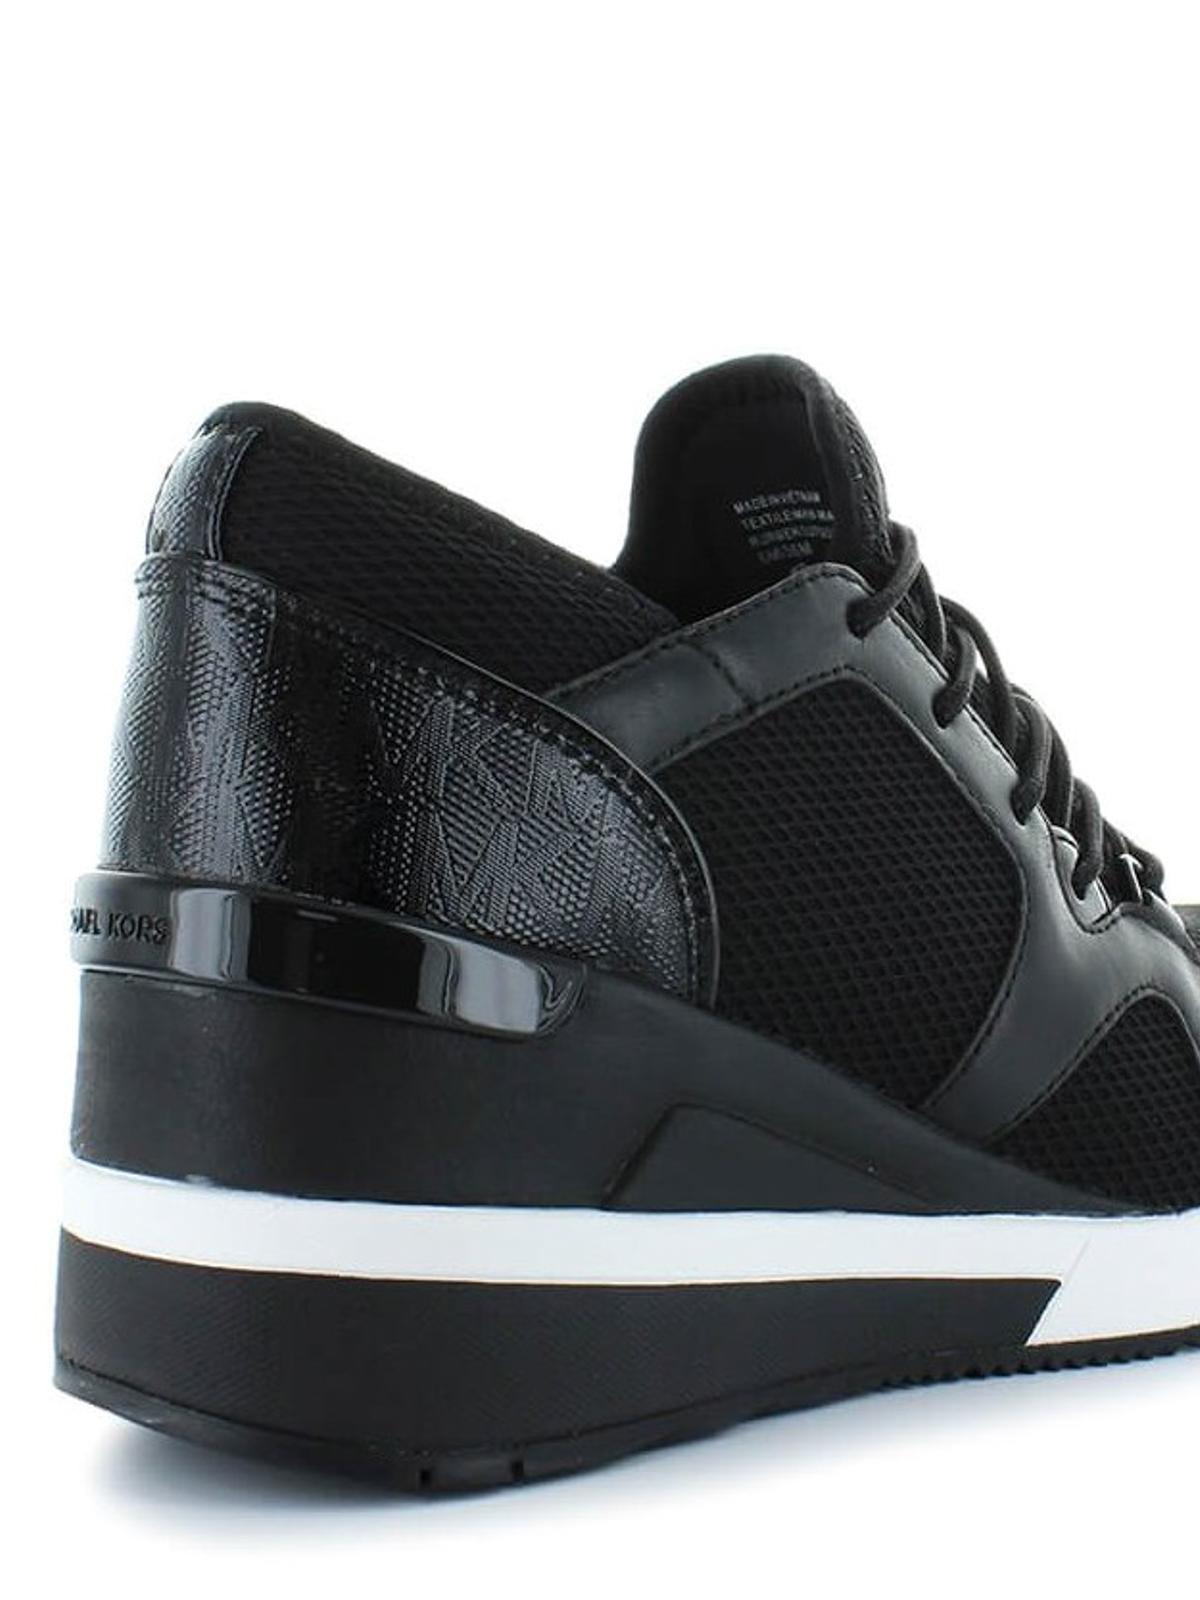 Michael Kors Sneaker Schwarz Sneaker 43T8SCFS1D001